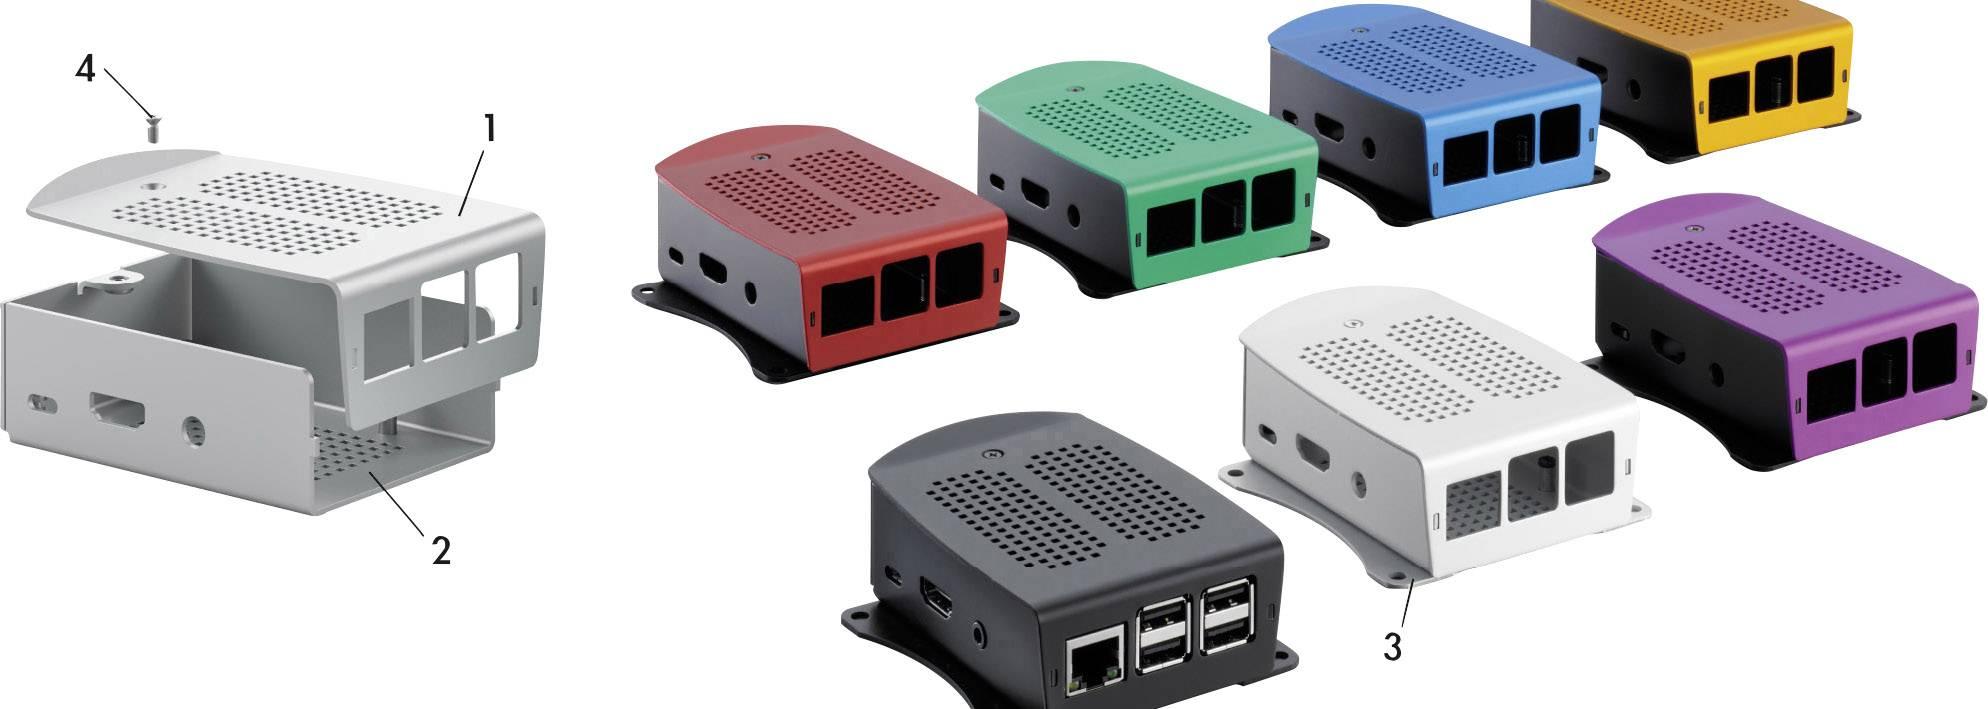 Kryt pro Raspberry Pi® Fischer Elektronik 10132691, přírodní